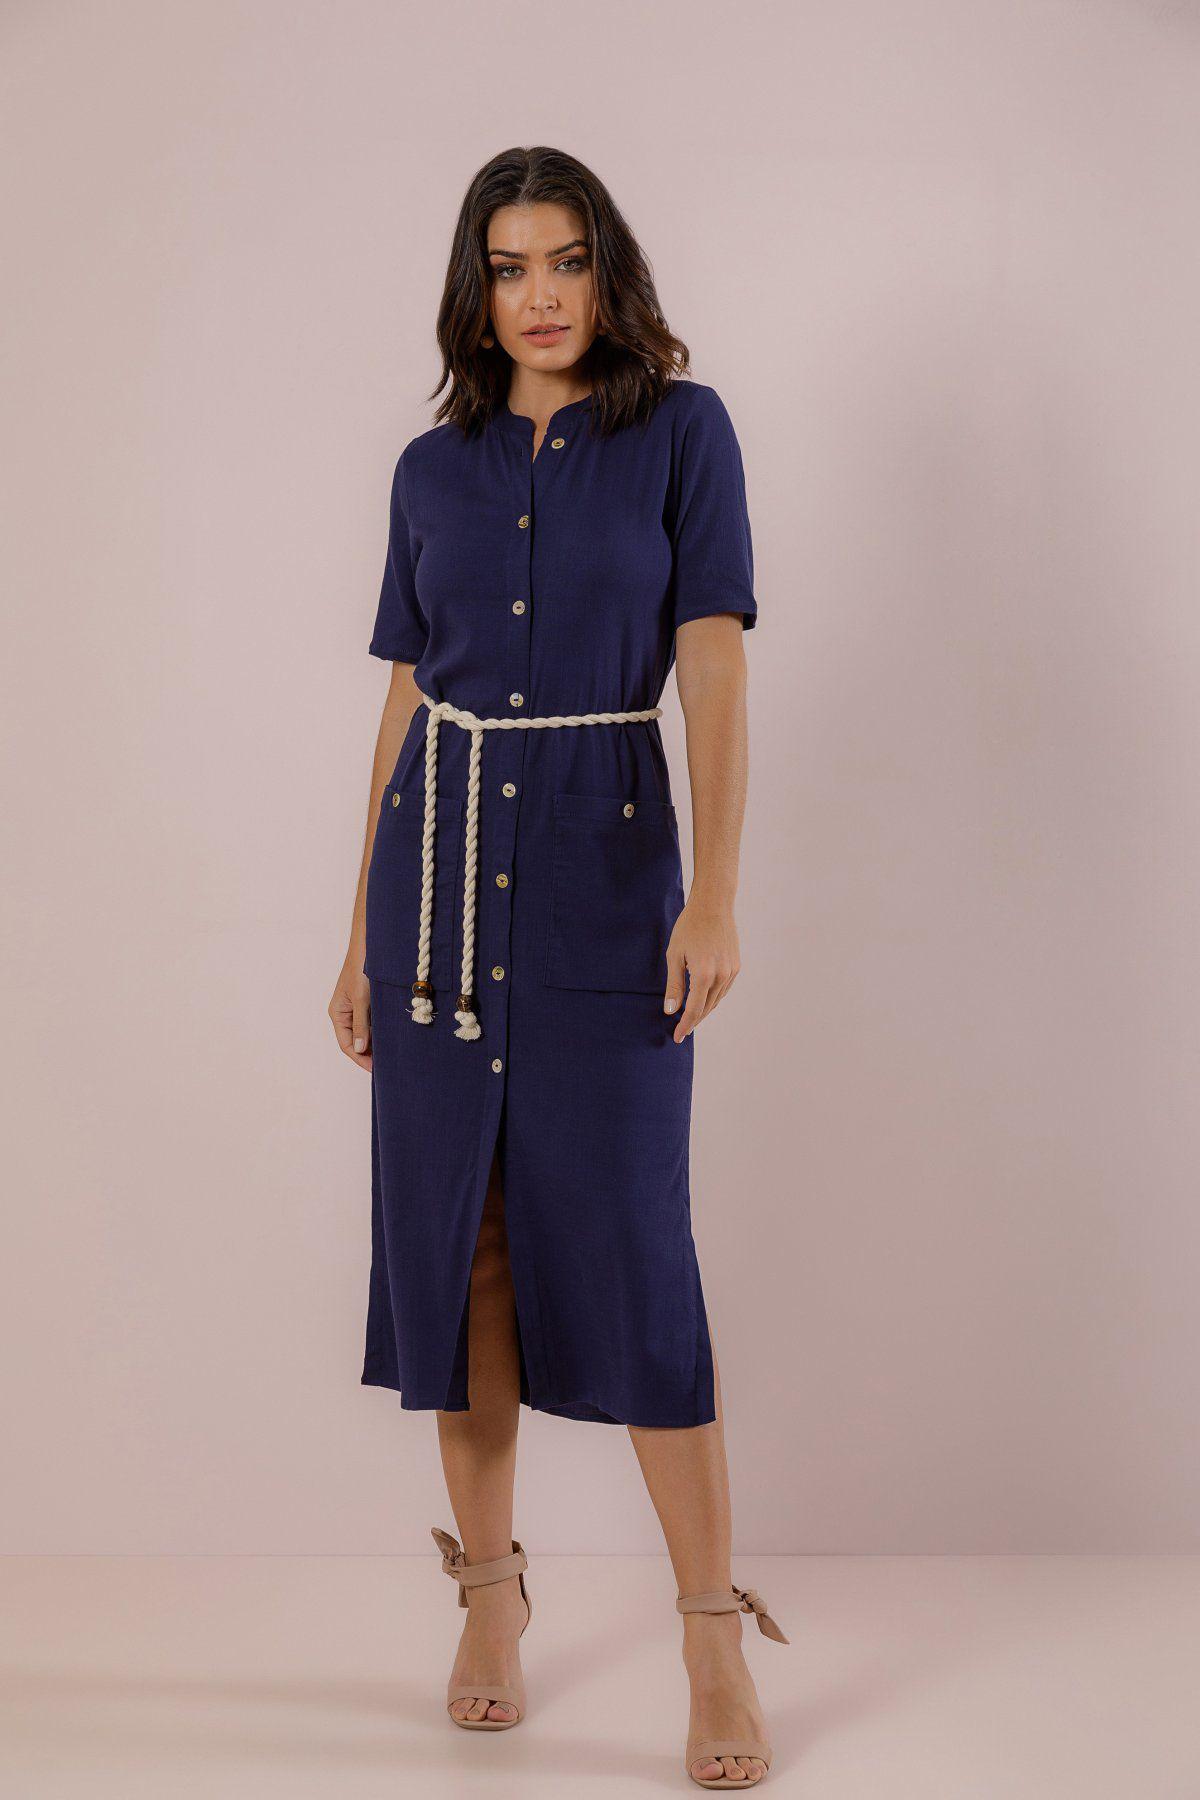 Vestido Camisa Linen